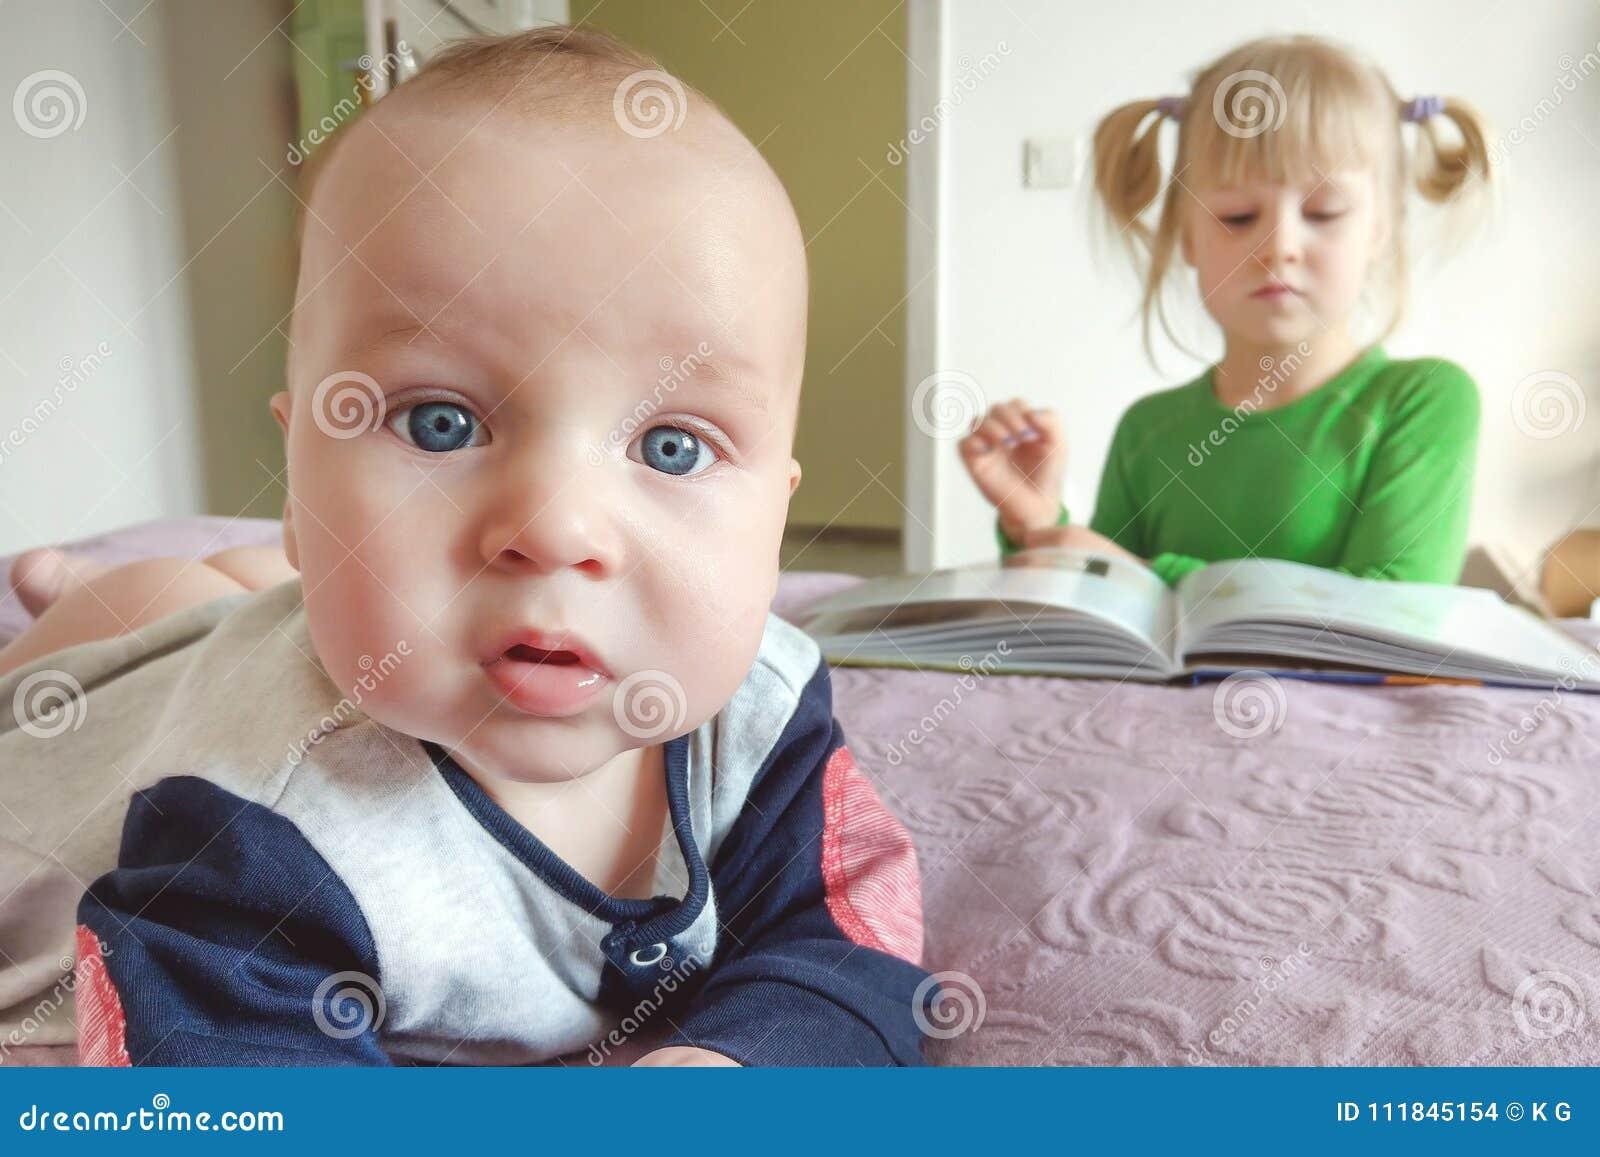 Πορτρέτο σκεπτικό λίγου αγοριού νηπίων που κάνει selfie σε ένα κρεβάτι Βιβλίο ανάγνωσης αδελφών στο υπόβαθρο Διαφορετικά ενδιαφέρ